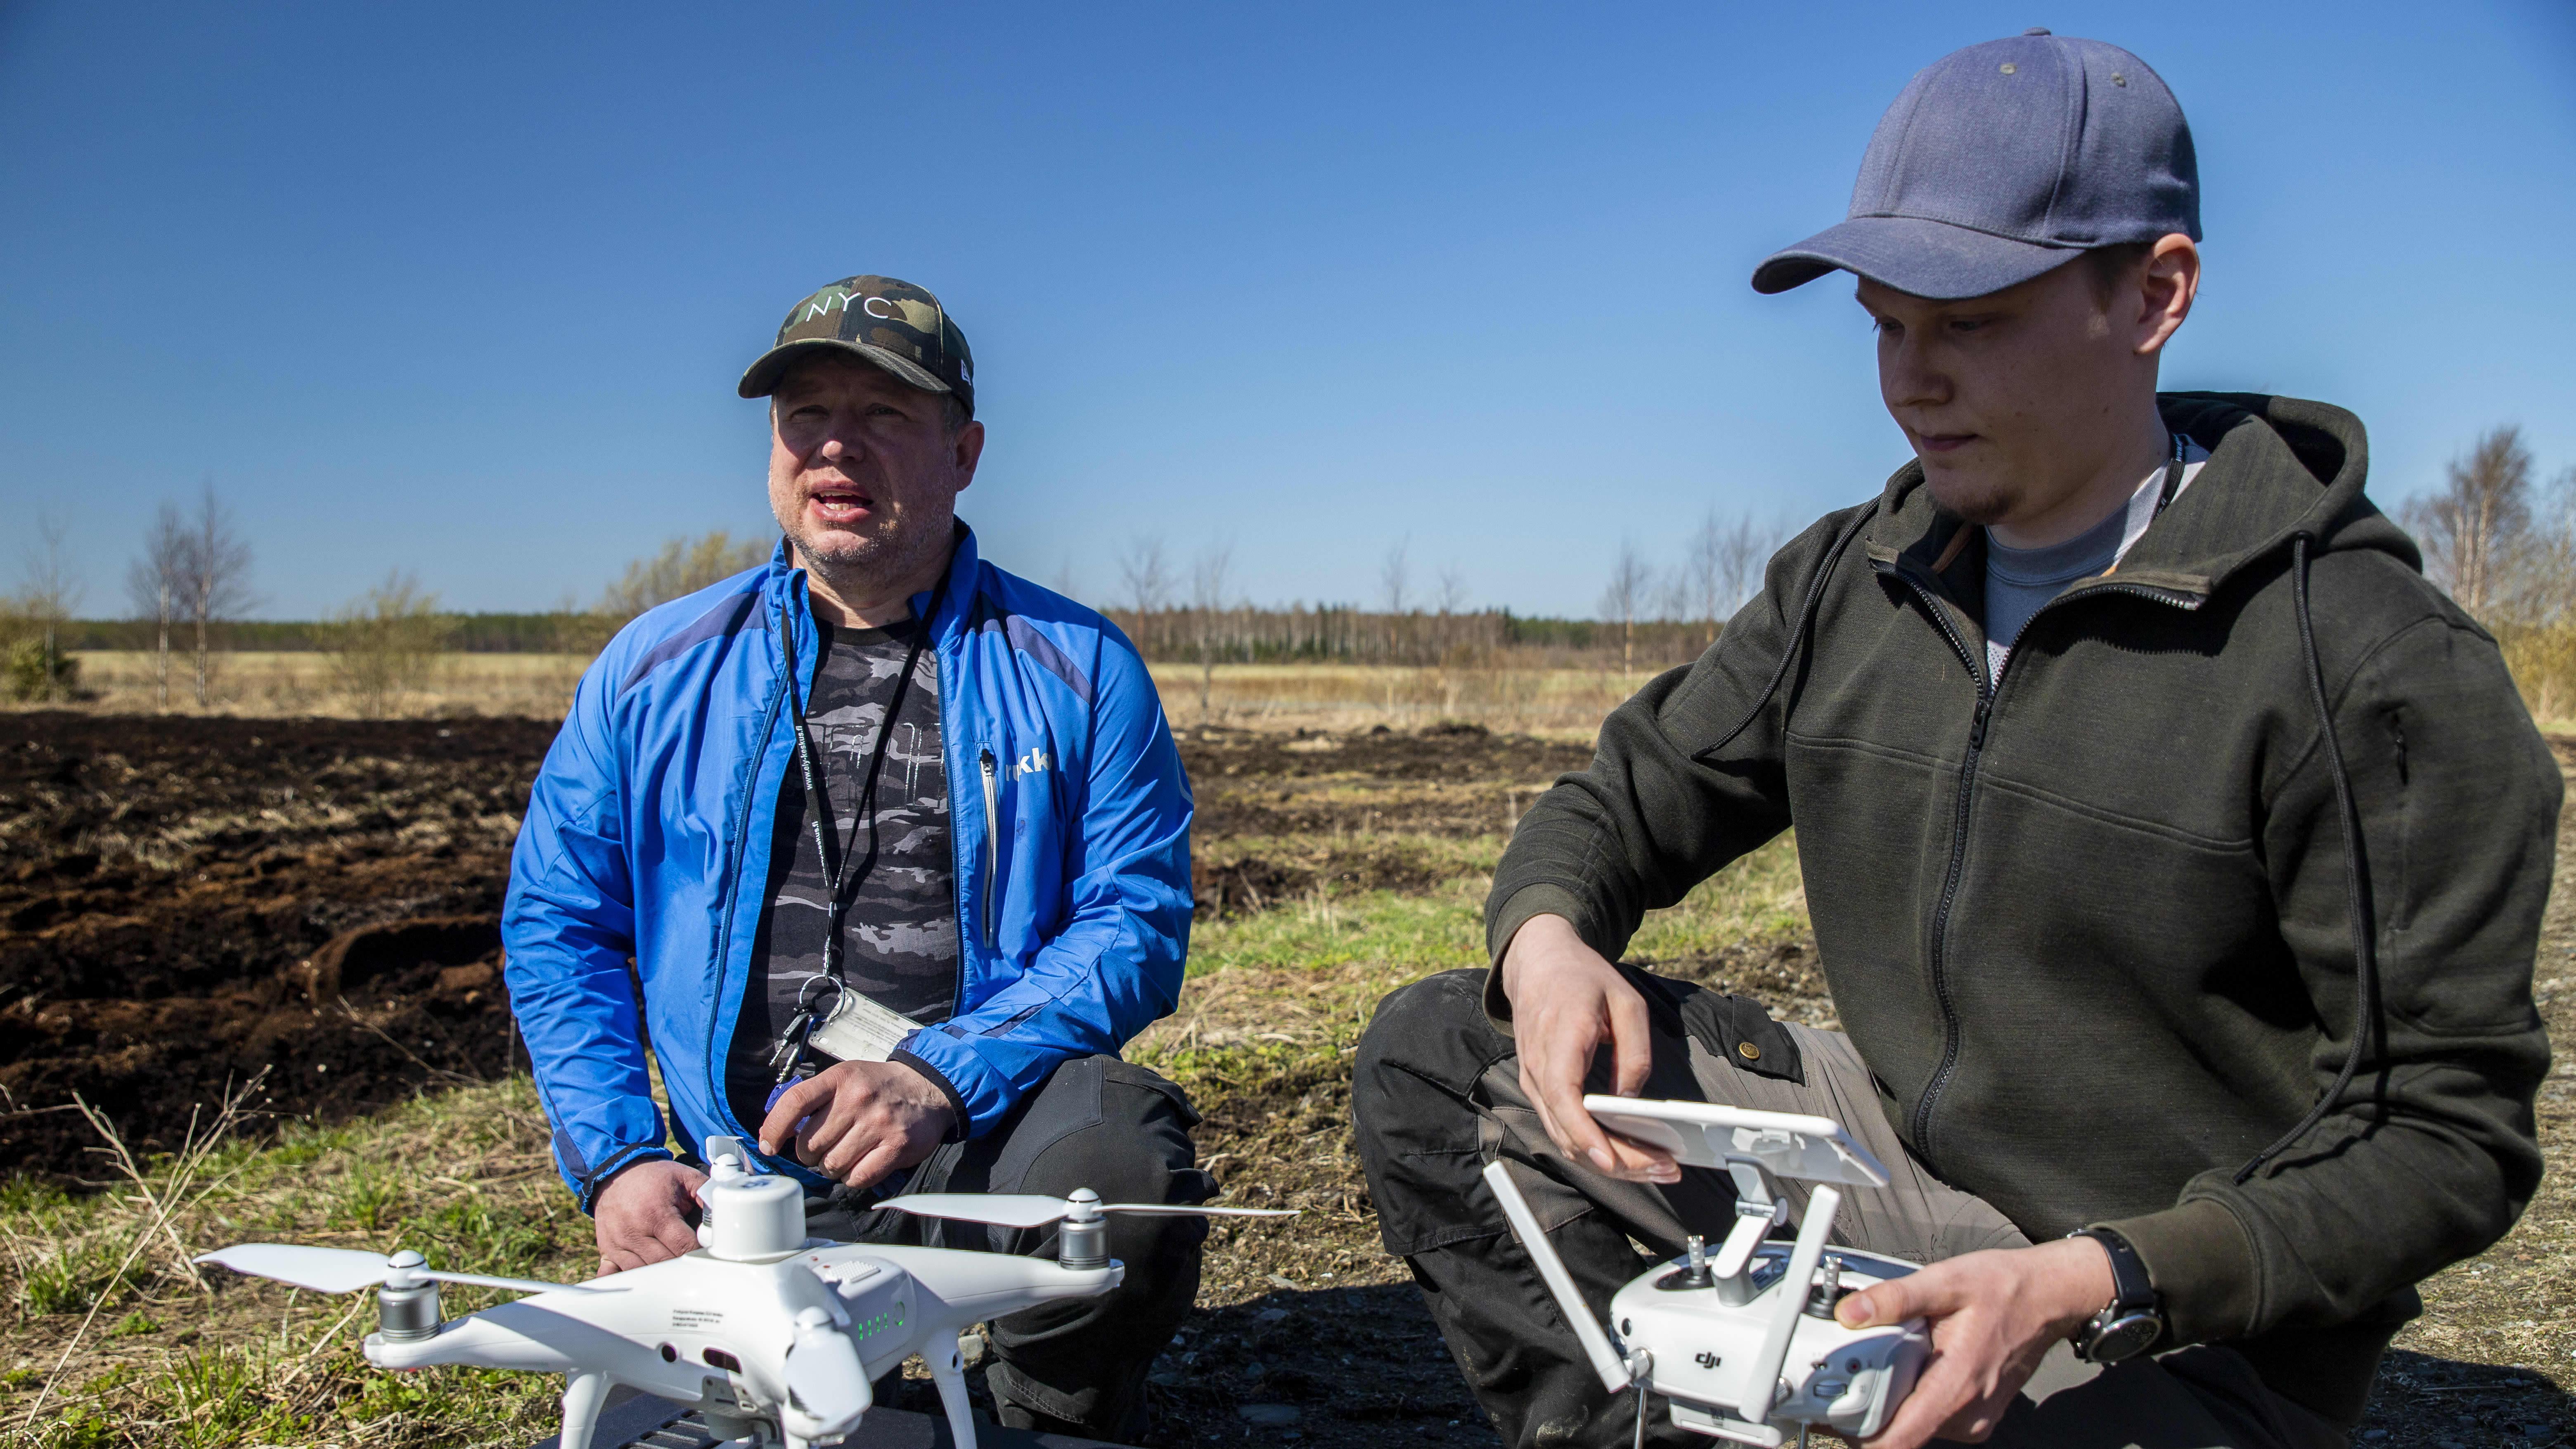 Dronea koitetaan valkoposkihanhien karkoituksessa ja kartoituksessa